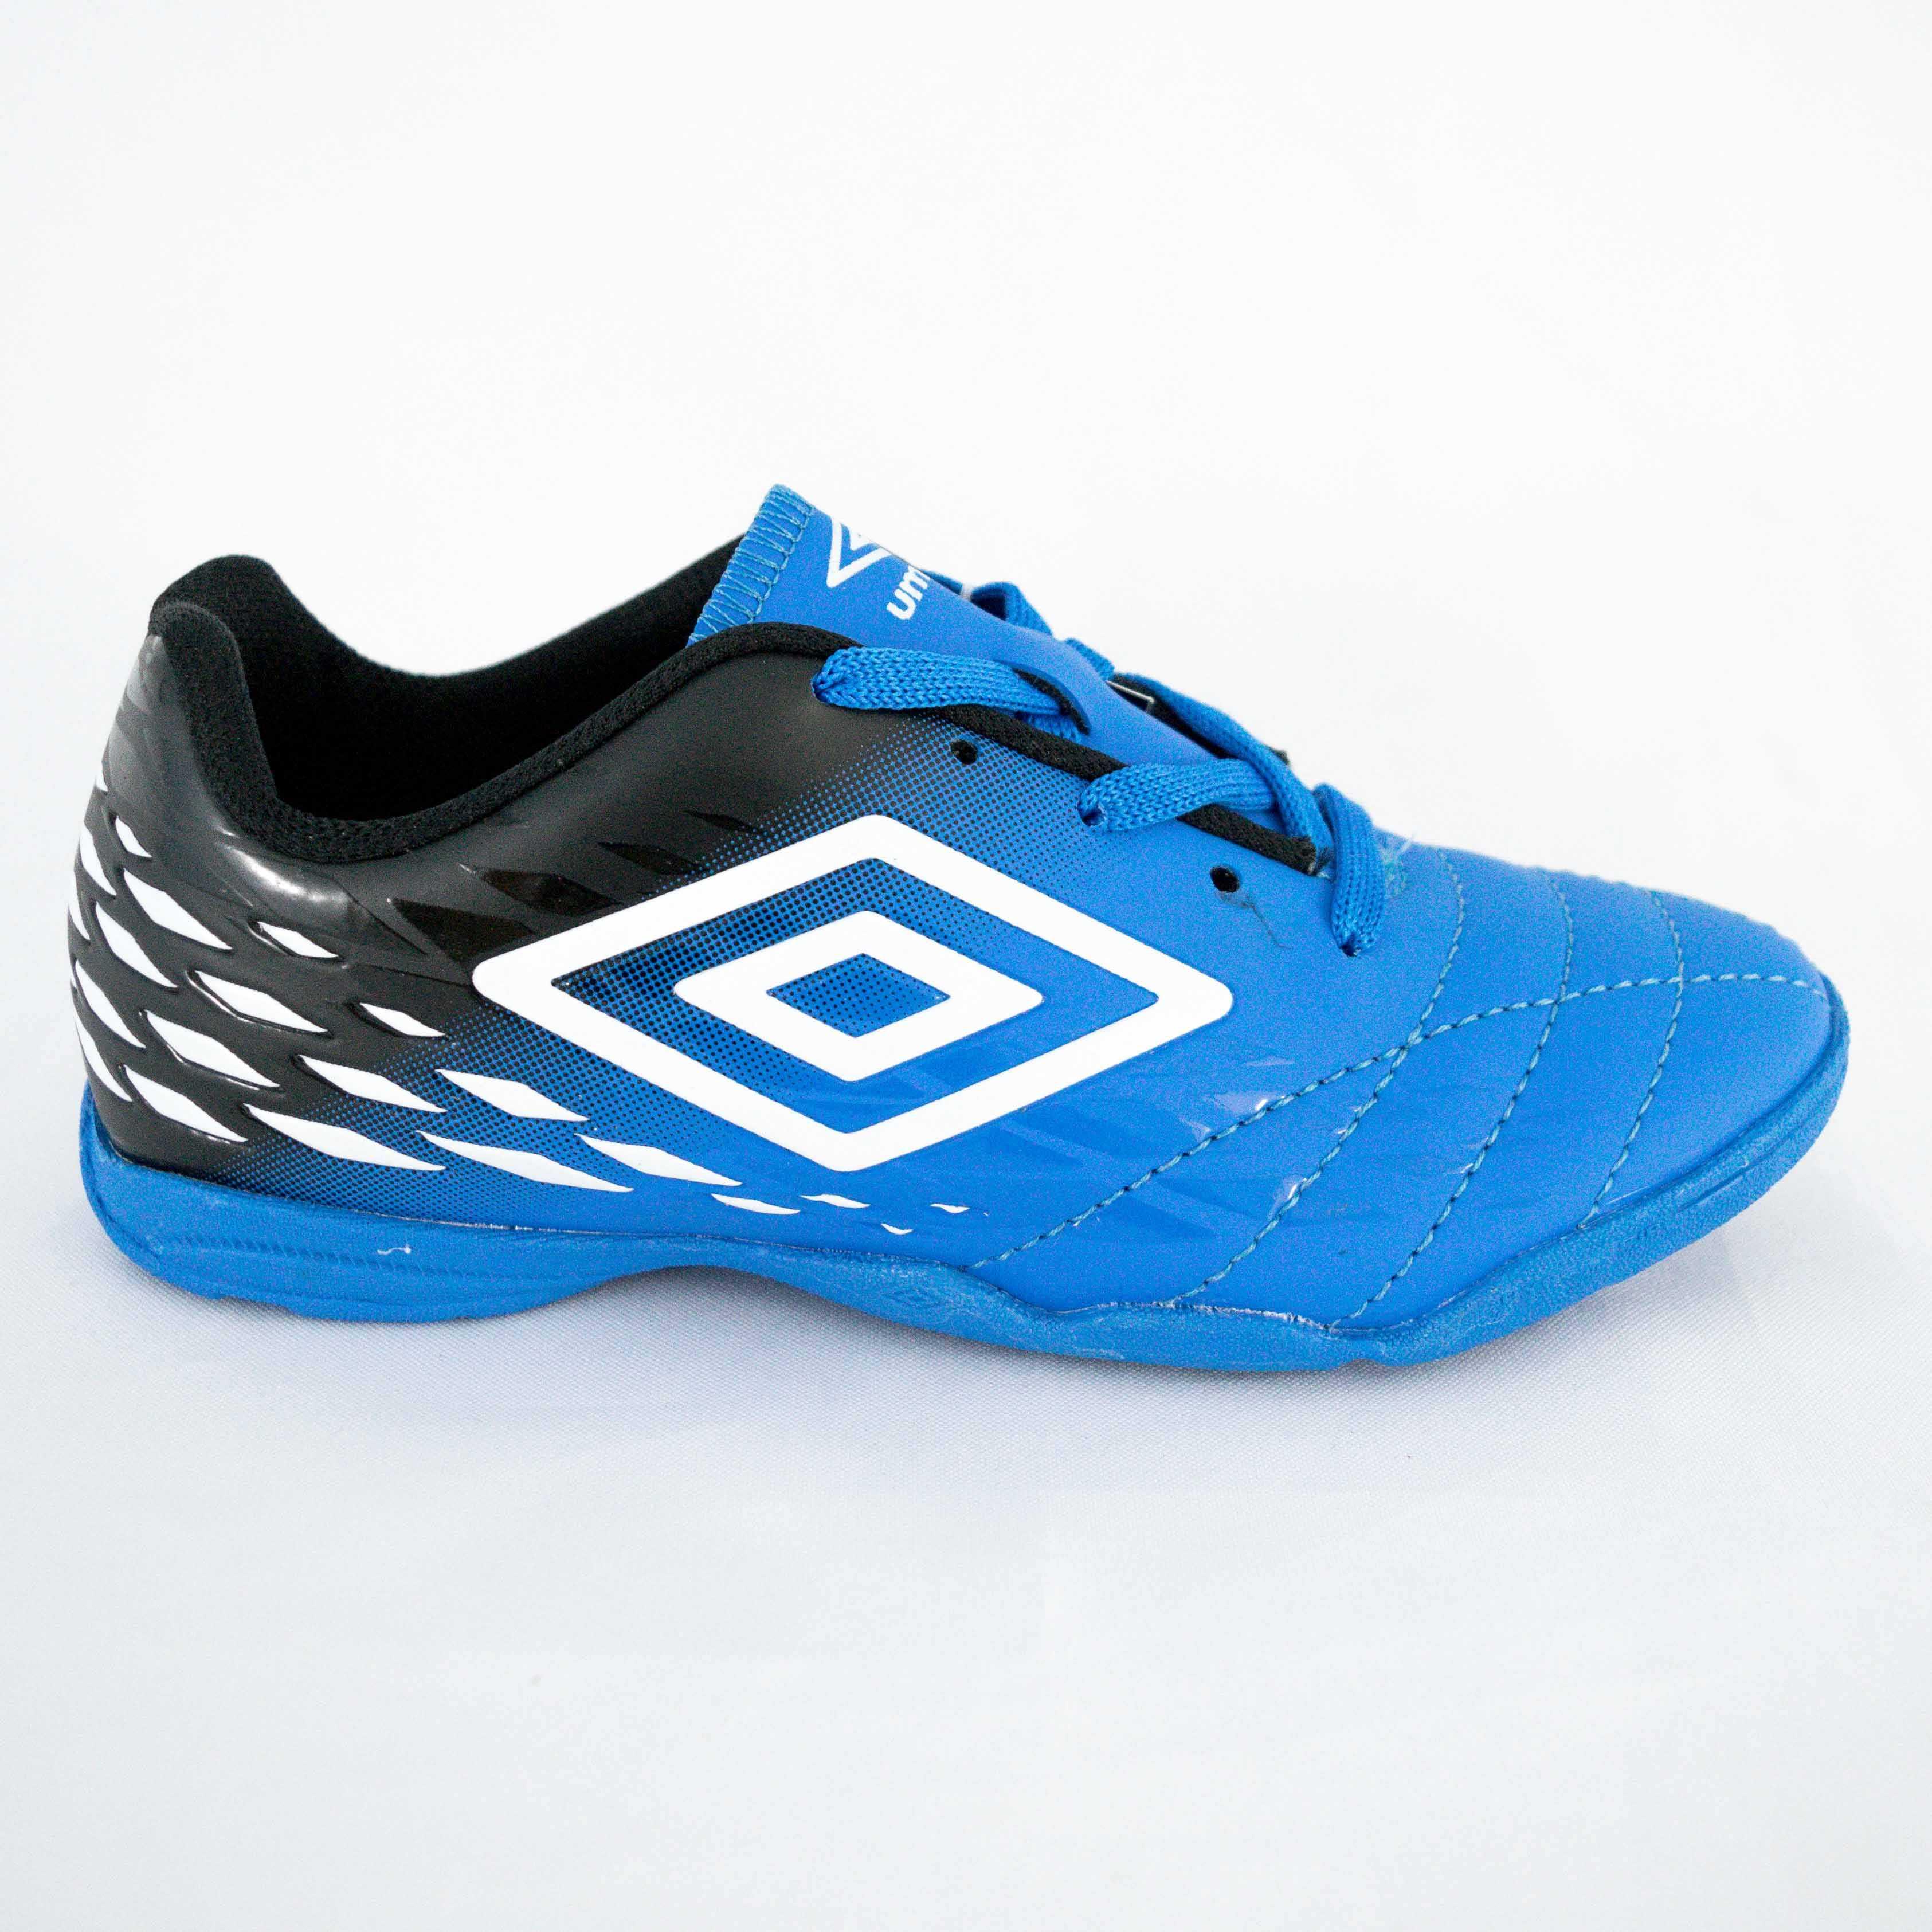 470f22bc74d68 Tênis Umbro 0F82050-312 Fifty II JR Futsal Infantil